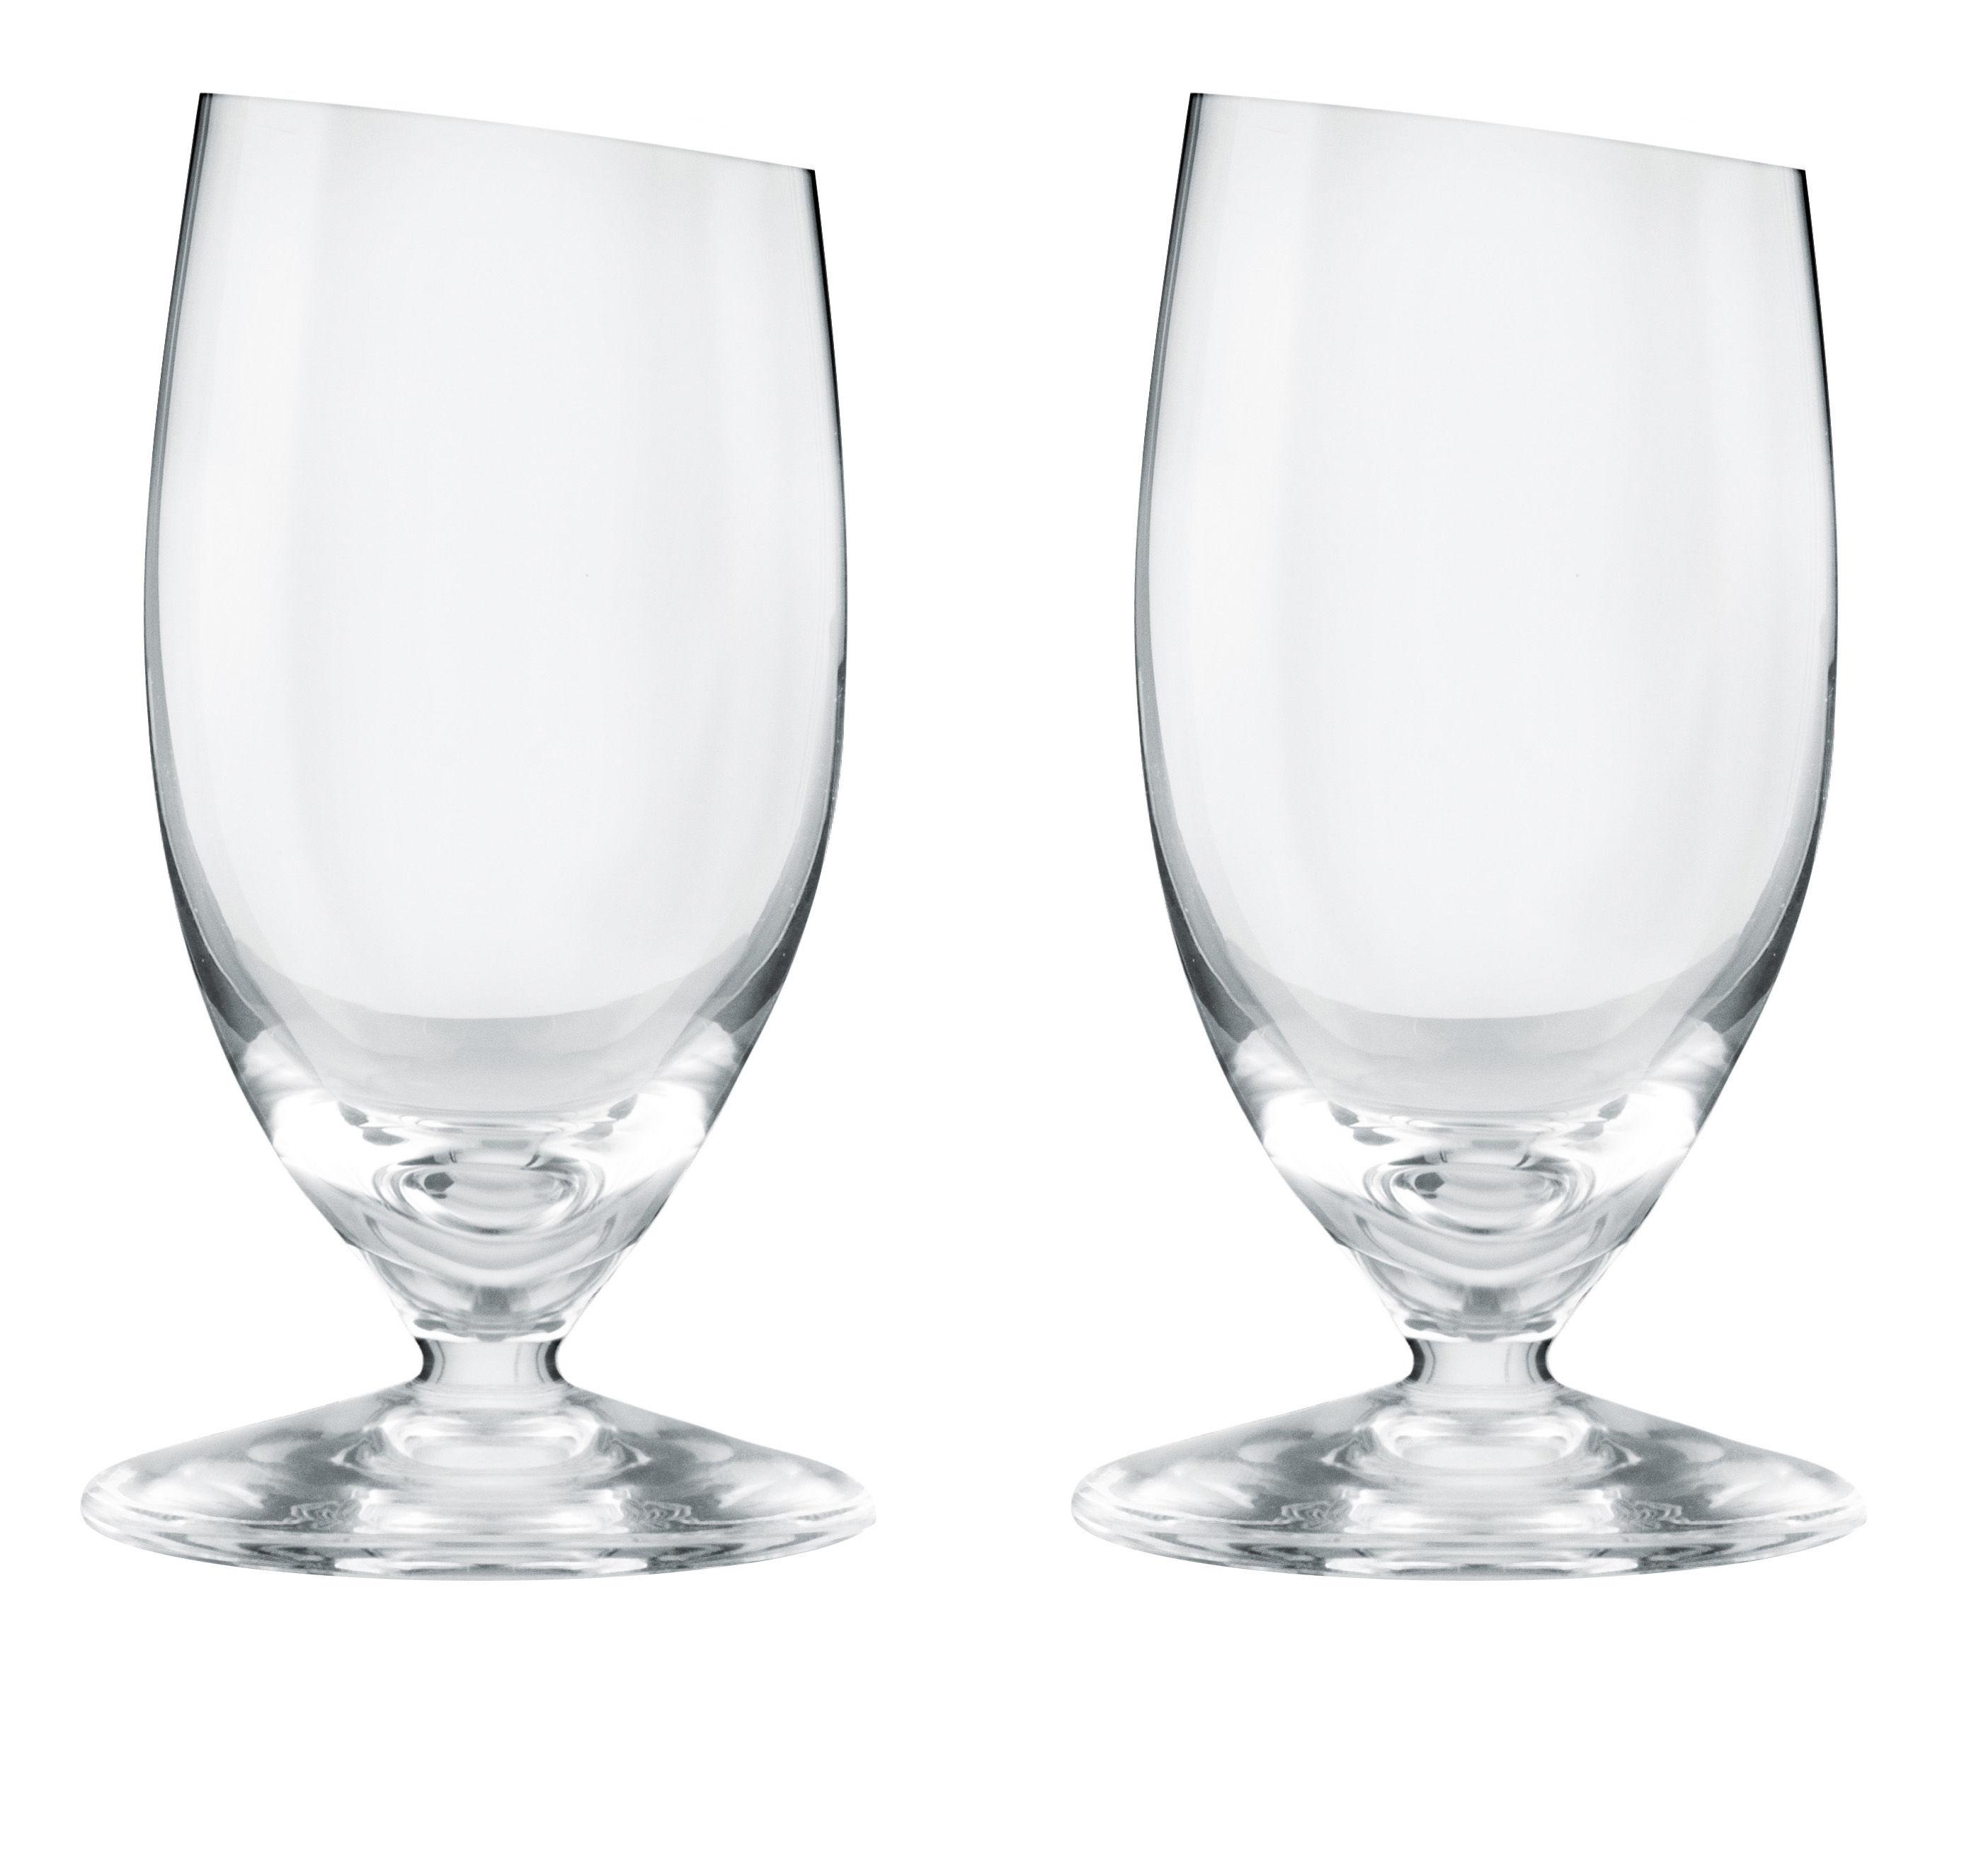 Tavola - Bicchieri  - Bicchiere da liquore - / Set da 2 - 4 cl di Eva Solo - Trasparente - Vetro soffiato a bocca